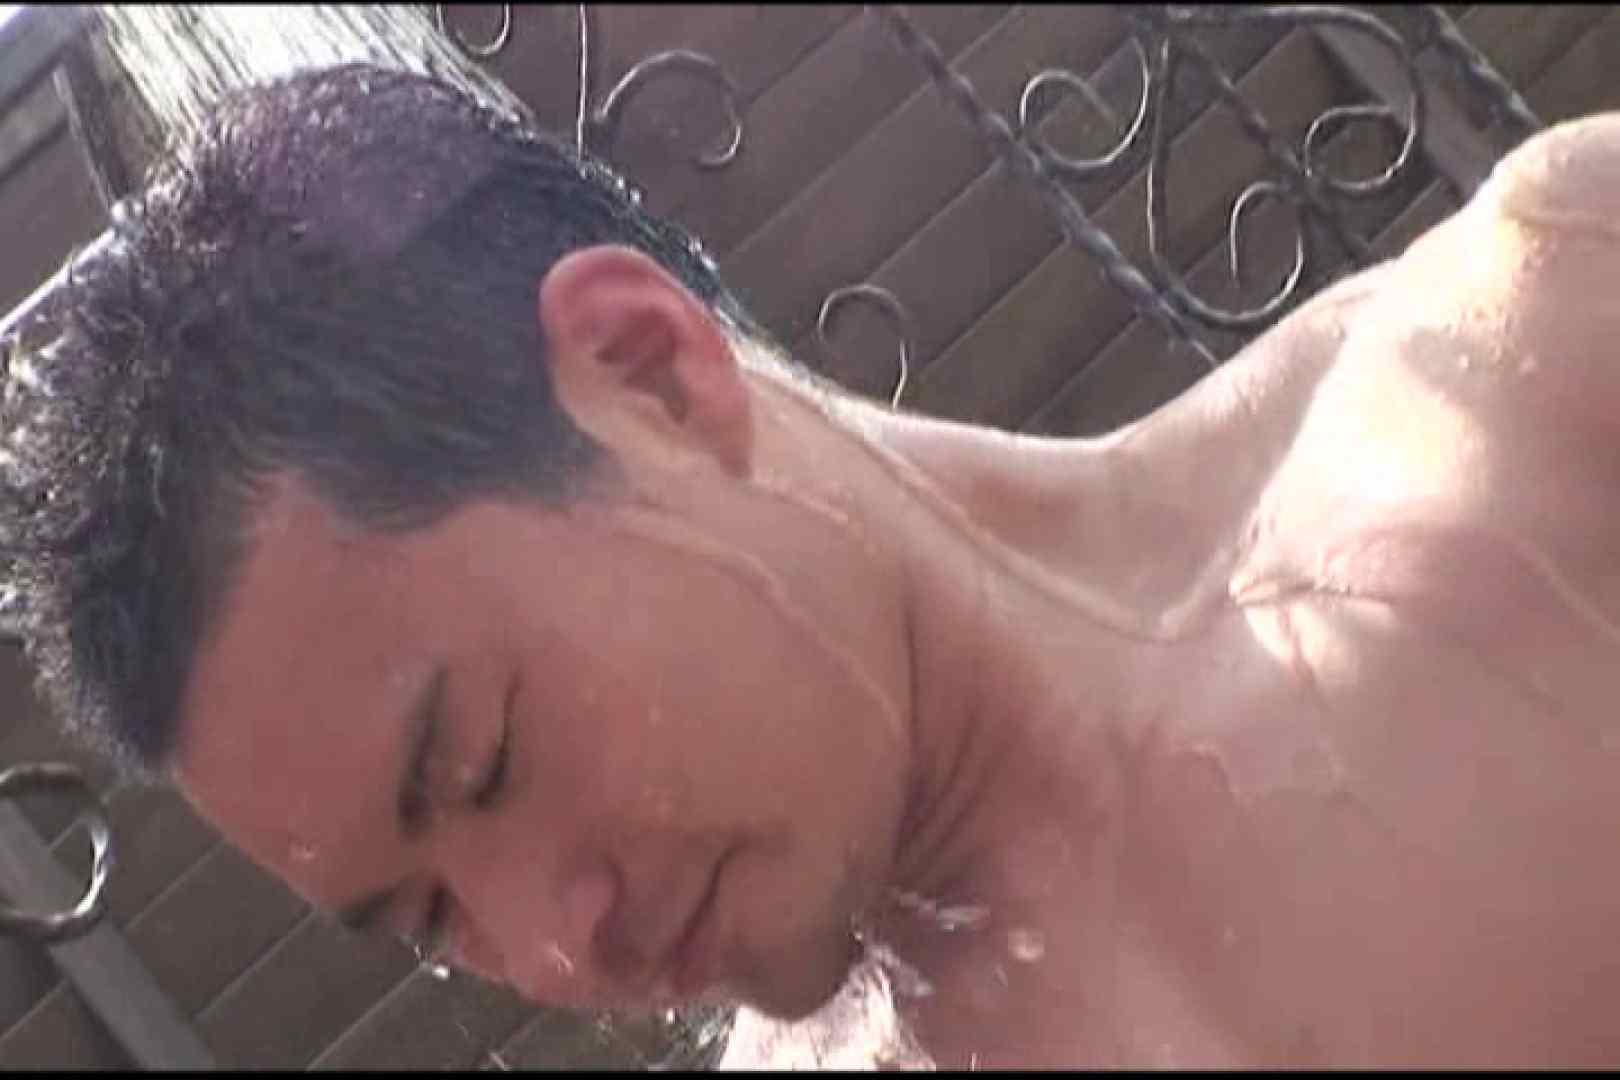 短髪ラガーマン風男子、乳首を舐められ悶絶顔 ぶっかけ  58pic 9